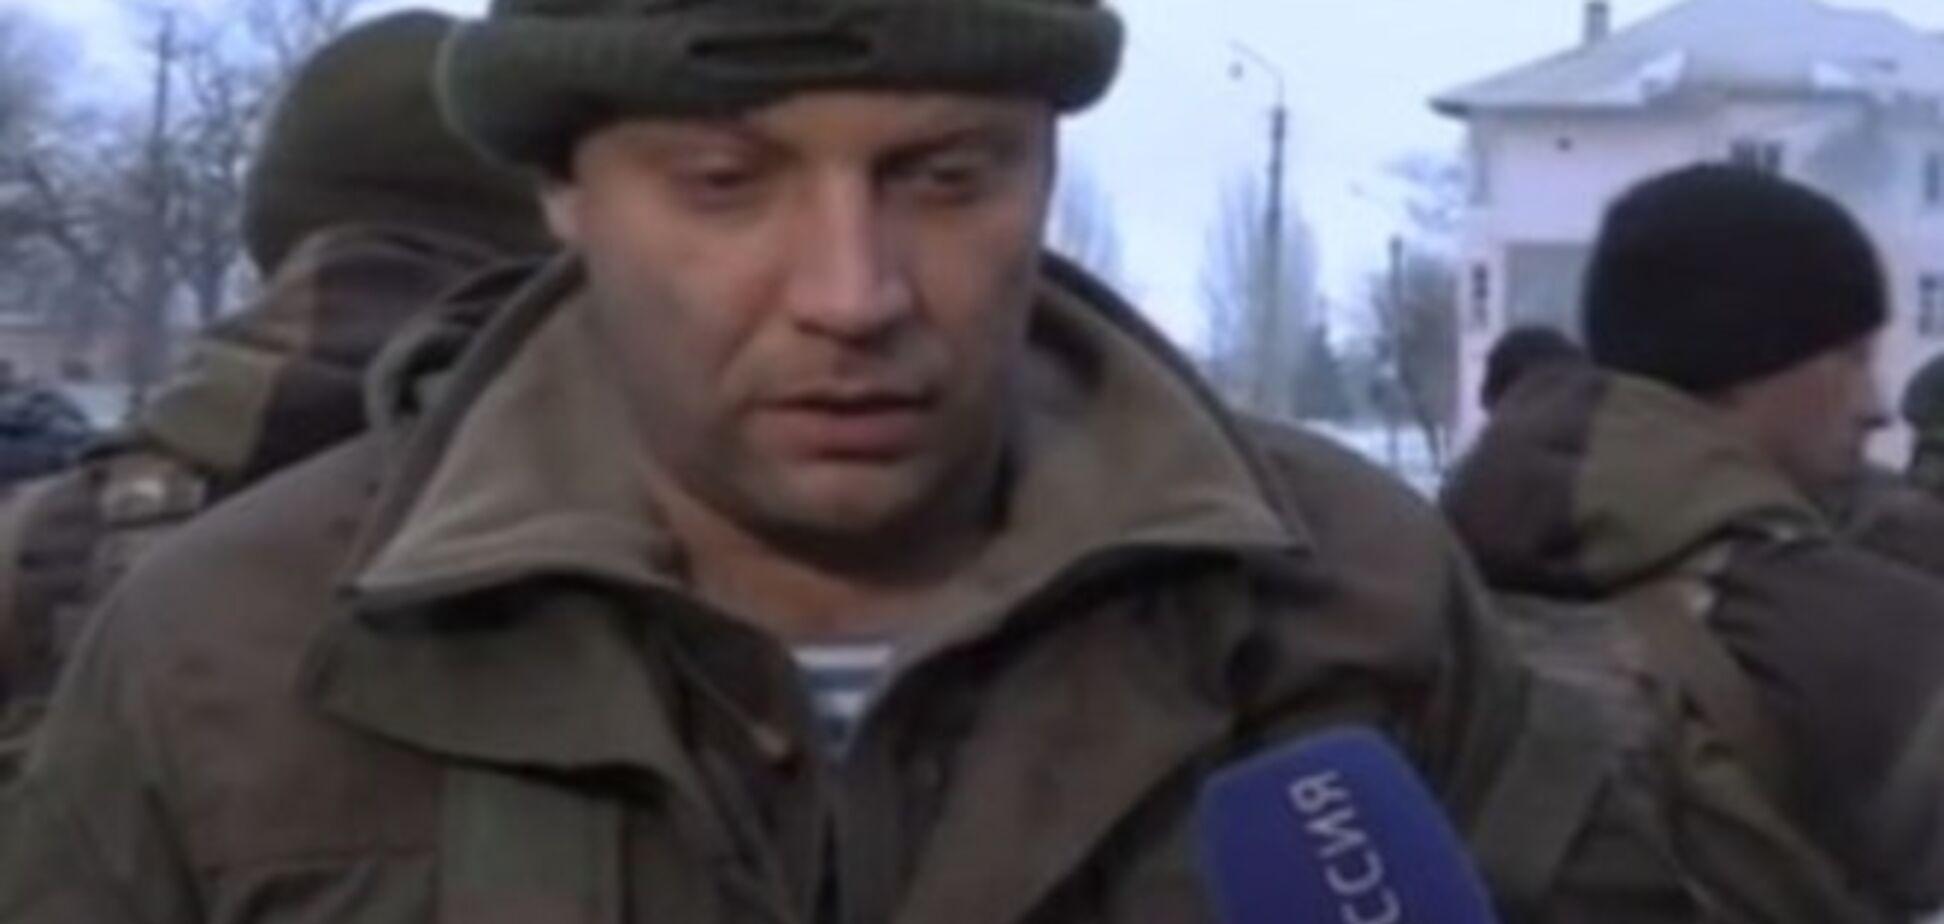 Захарченко заявил, что котел под Дебальцево закрылся, и призвал украинских военных сдаться